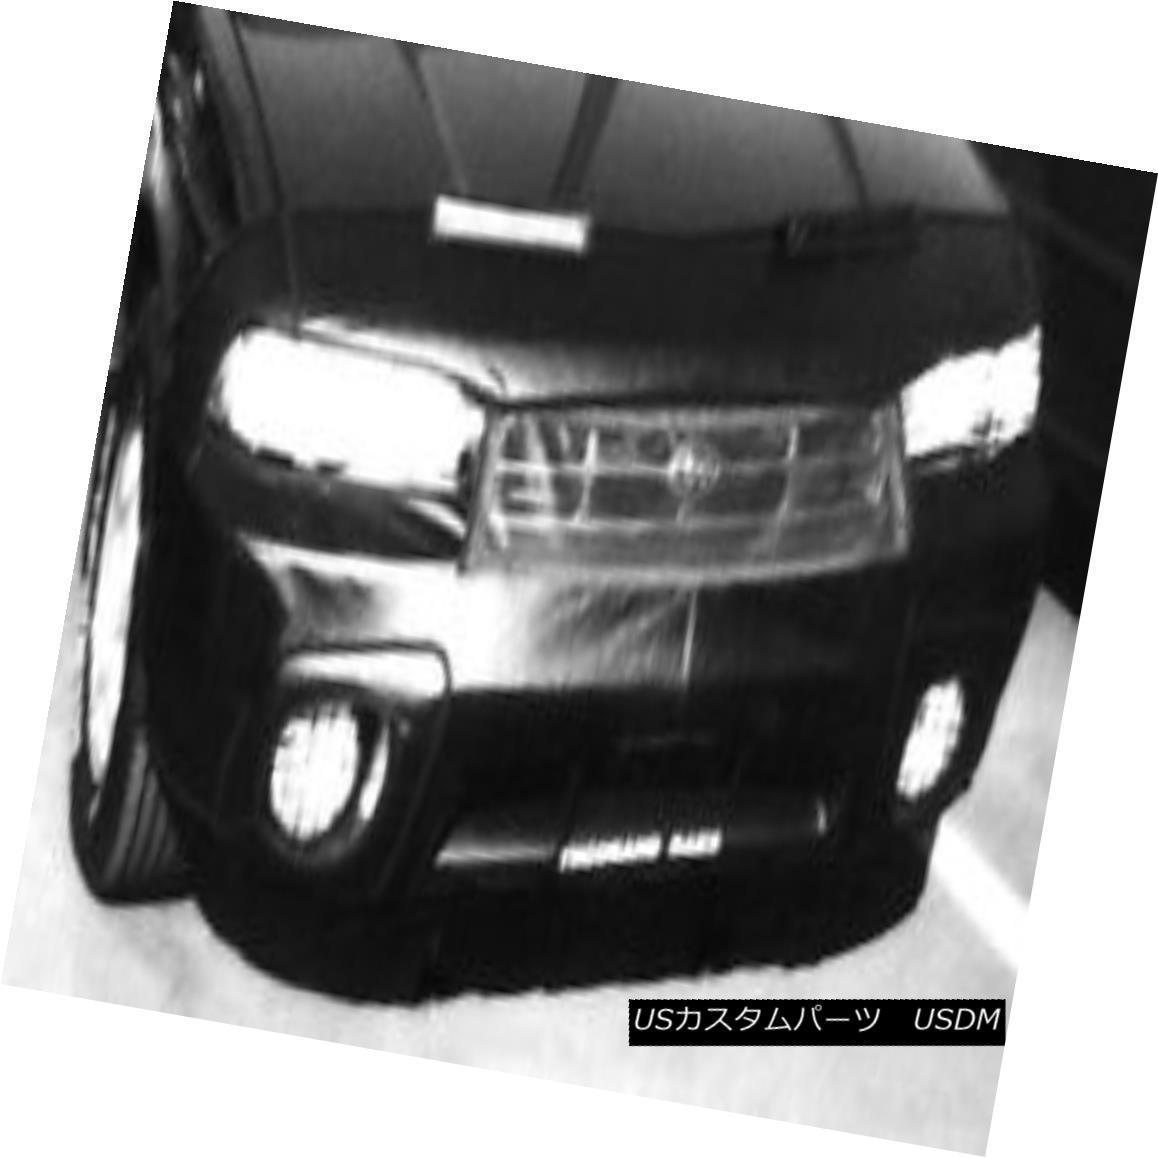 フルブラ ノーズブラ Front End Mask Car Bra Fits 1996-99 SUBARU LEGACY OUTBACK WA フロントエンドマスクカー用ブラジャー1996-99 SUBARU LEGACY OUTBACK WA